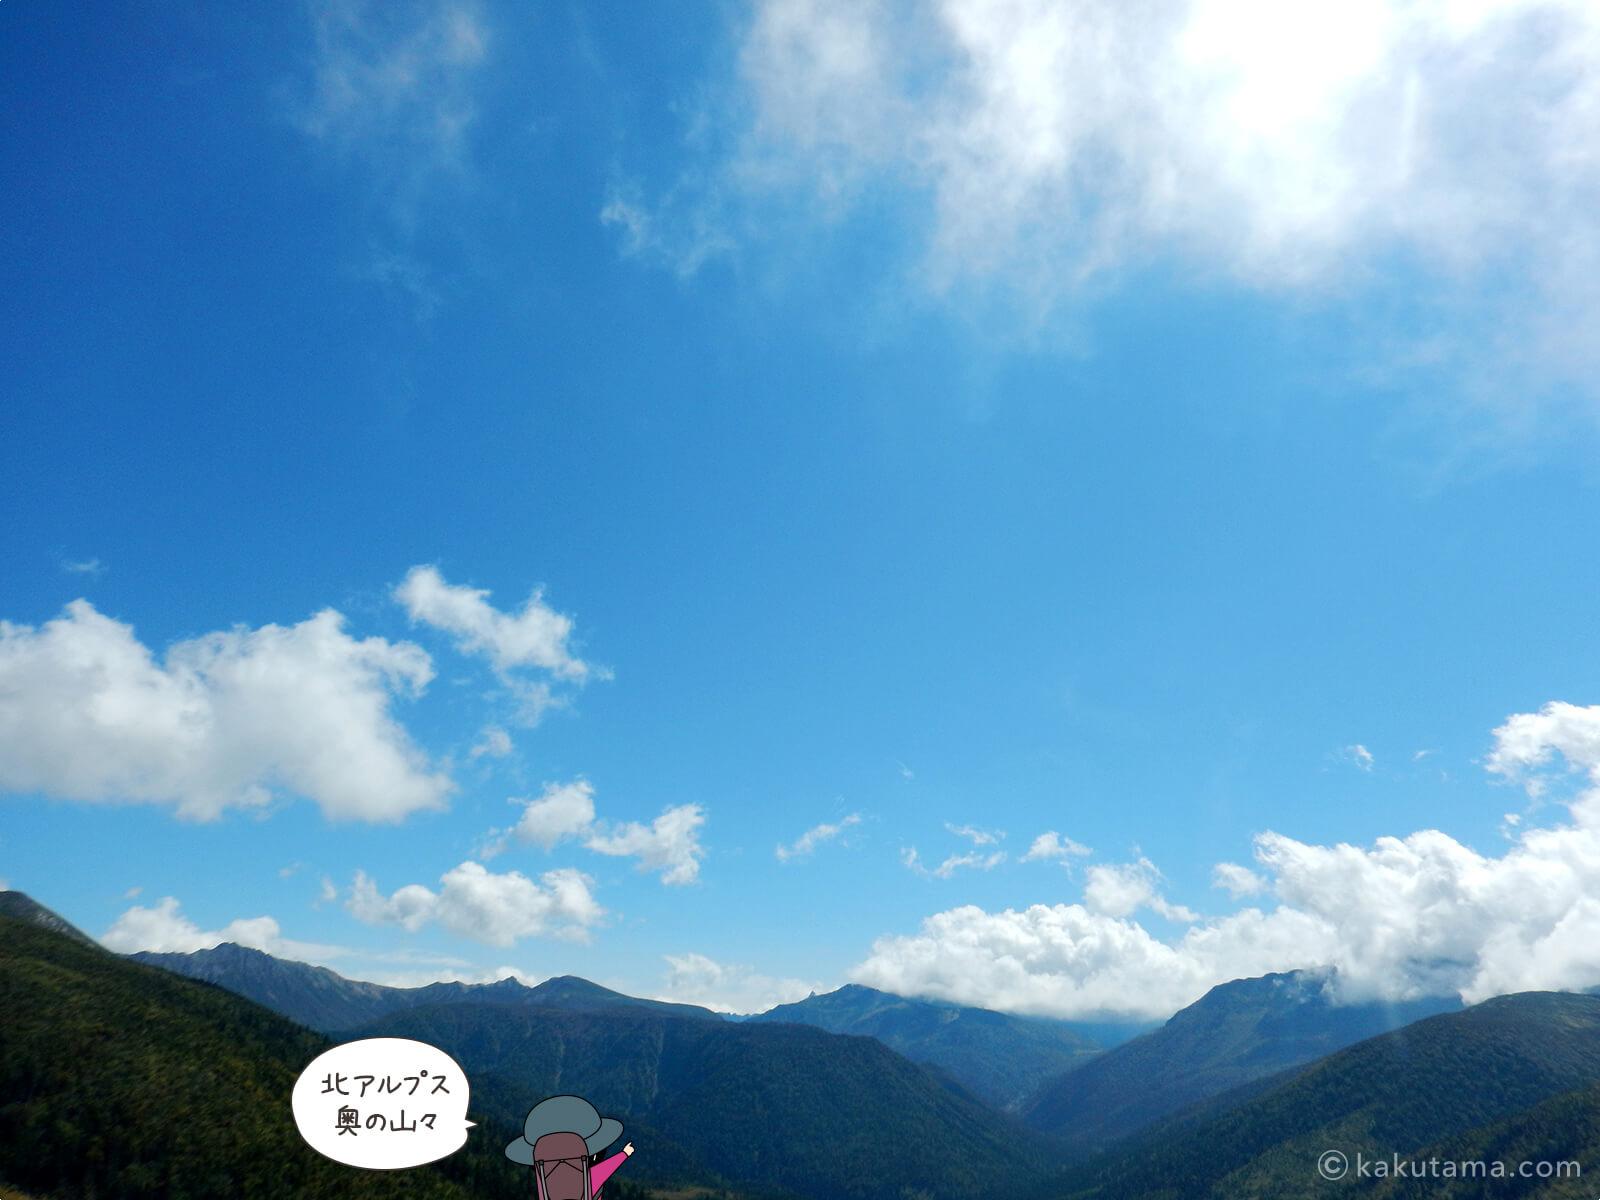 北アルプスの奥地野山が見える